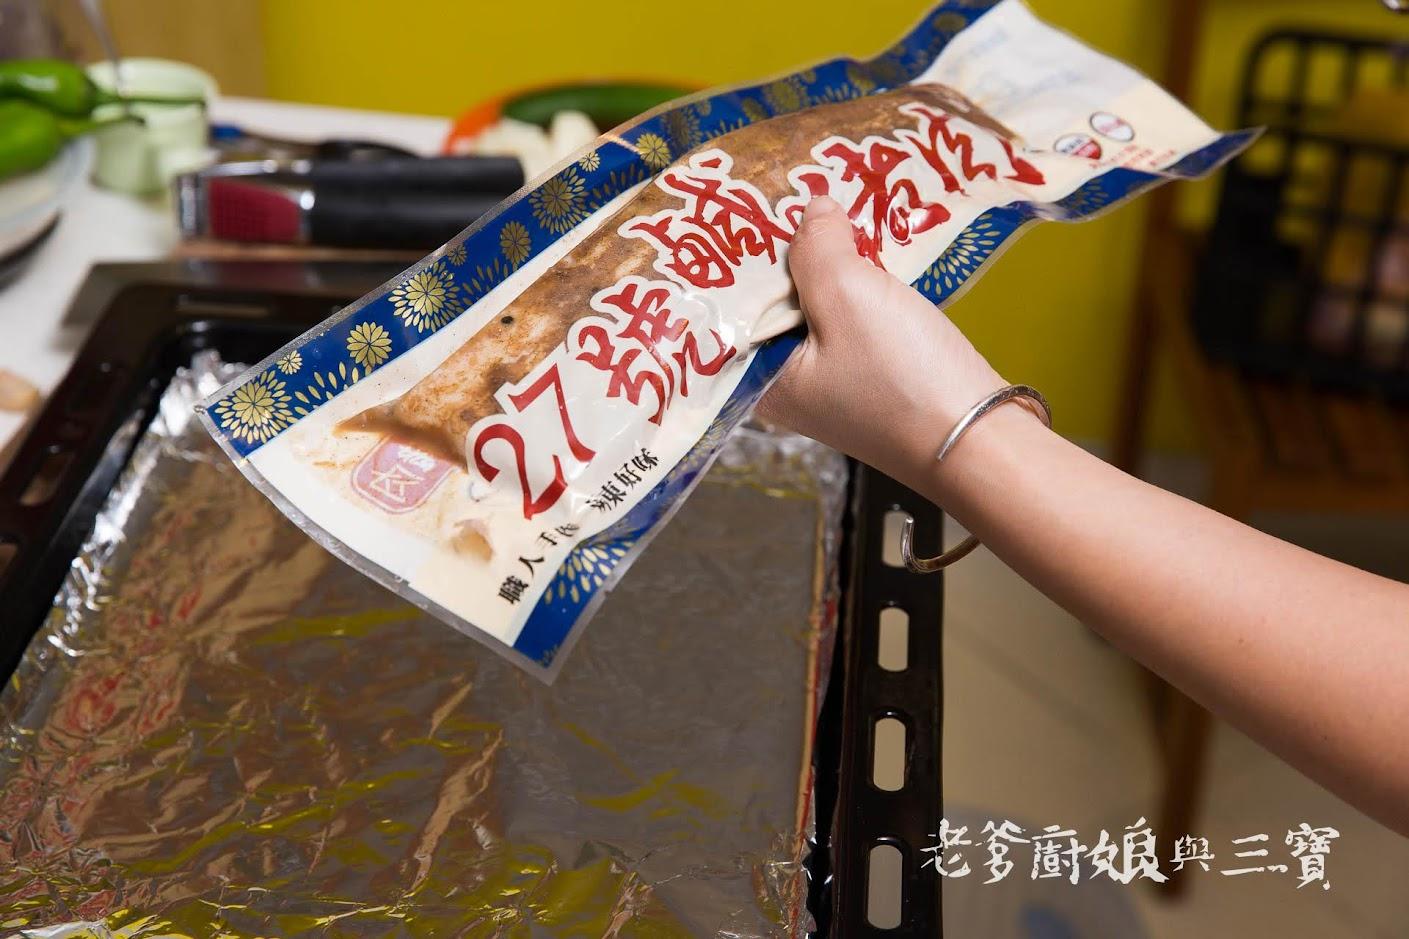 來自南台灣屏東27號香腸,烤肉必備食材、年節送禮、屏東伴手禮推薦更少不了~古早味香腸&鹹豬肉